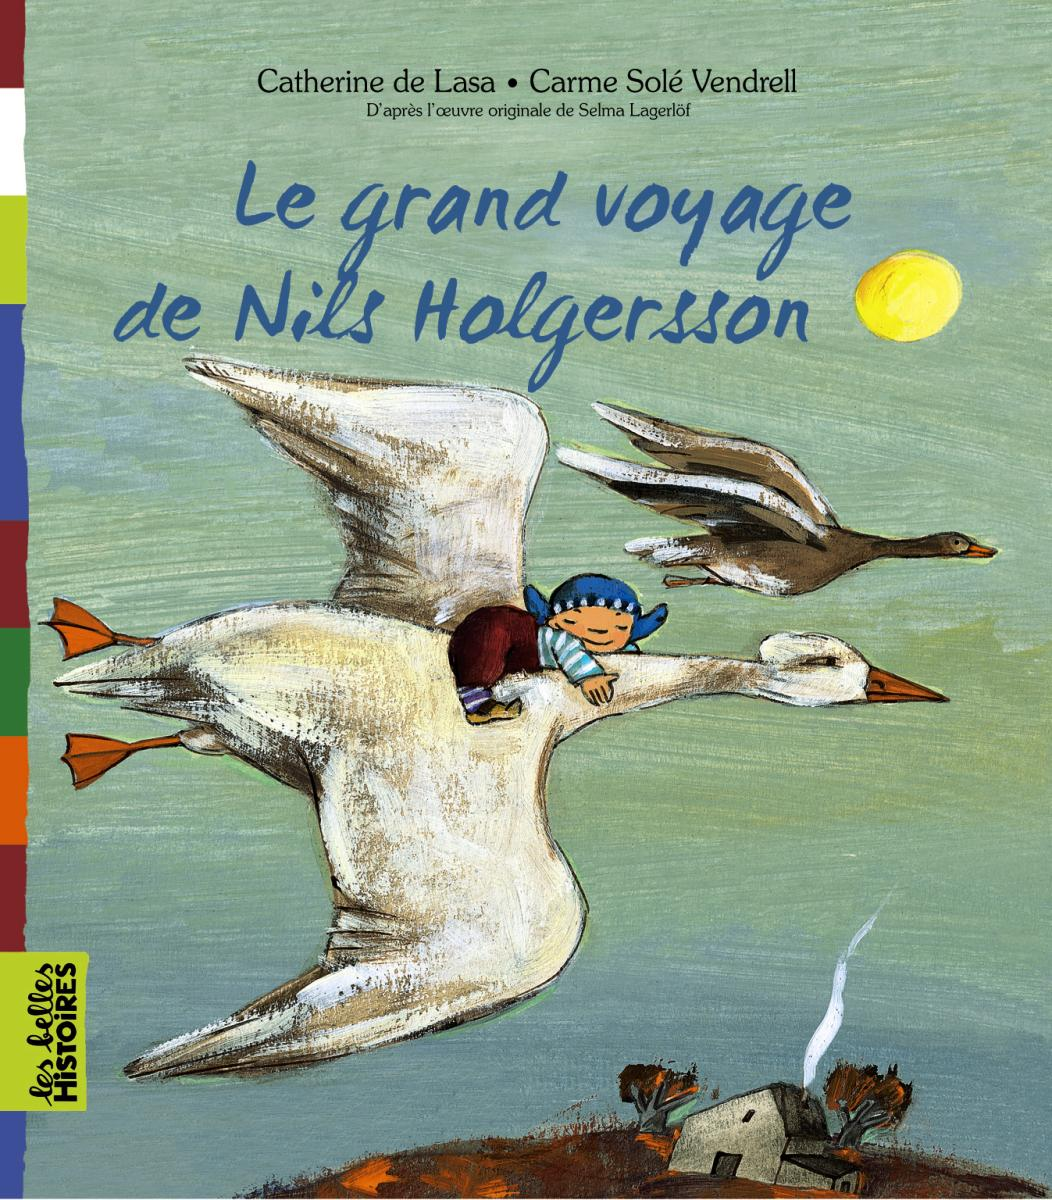 Couverture de «LE GRAND VOYAGE DE NILS HOLGERSONN»